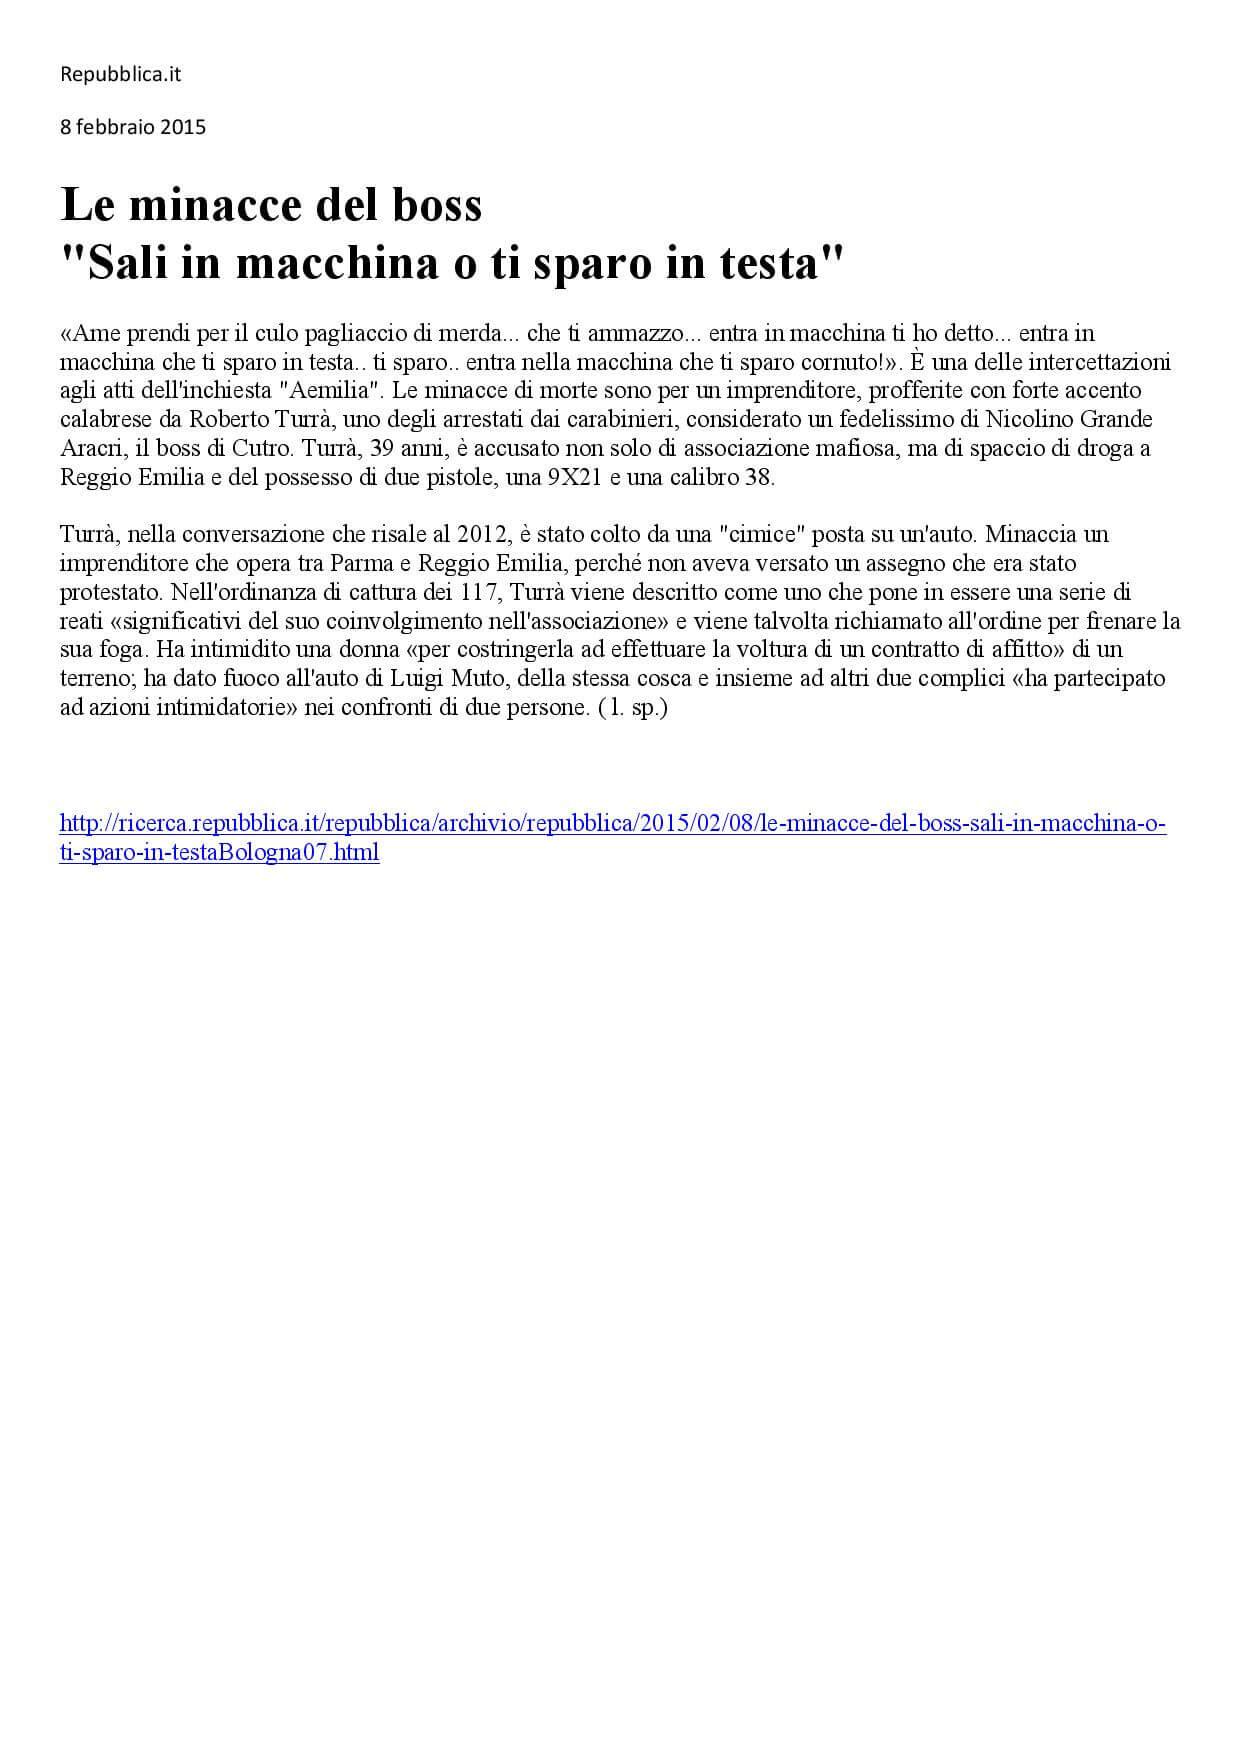 8_2_15_repubblica_sparo-page-001